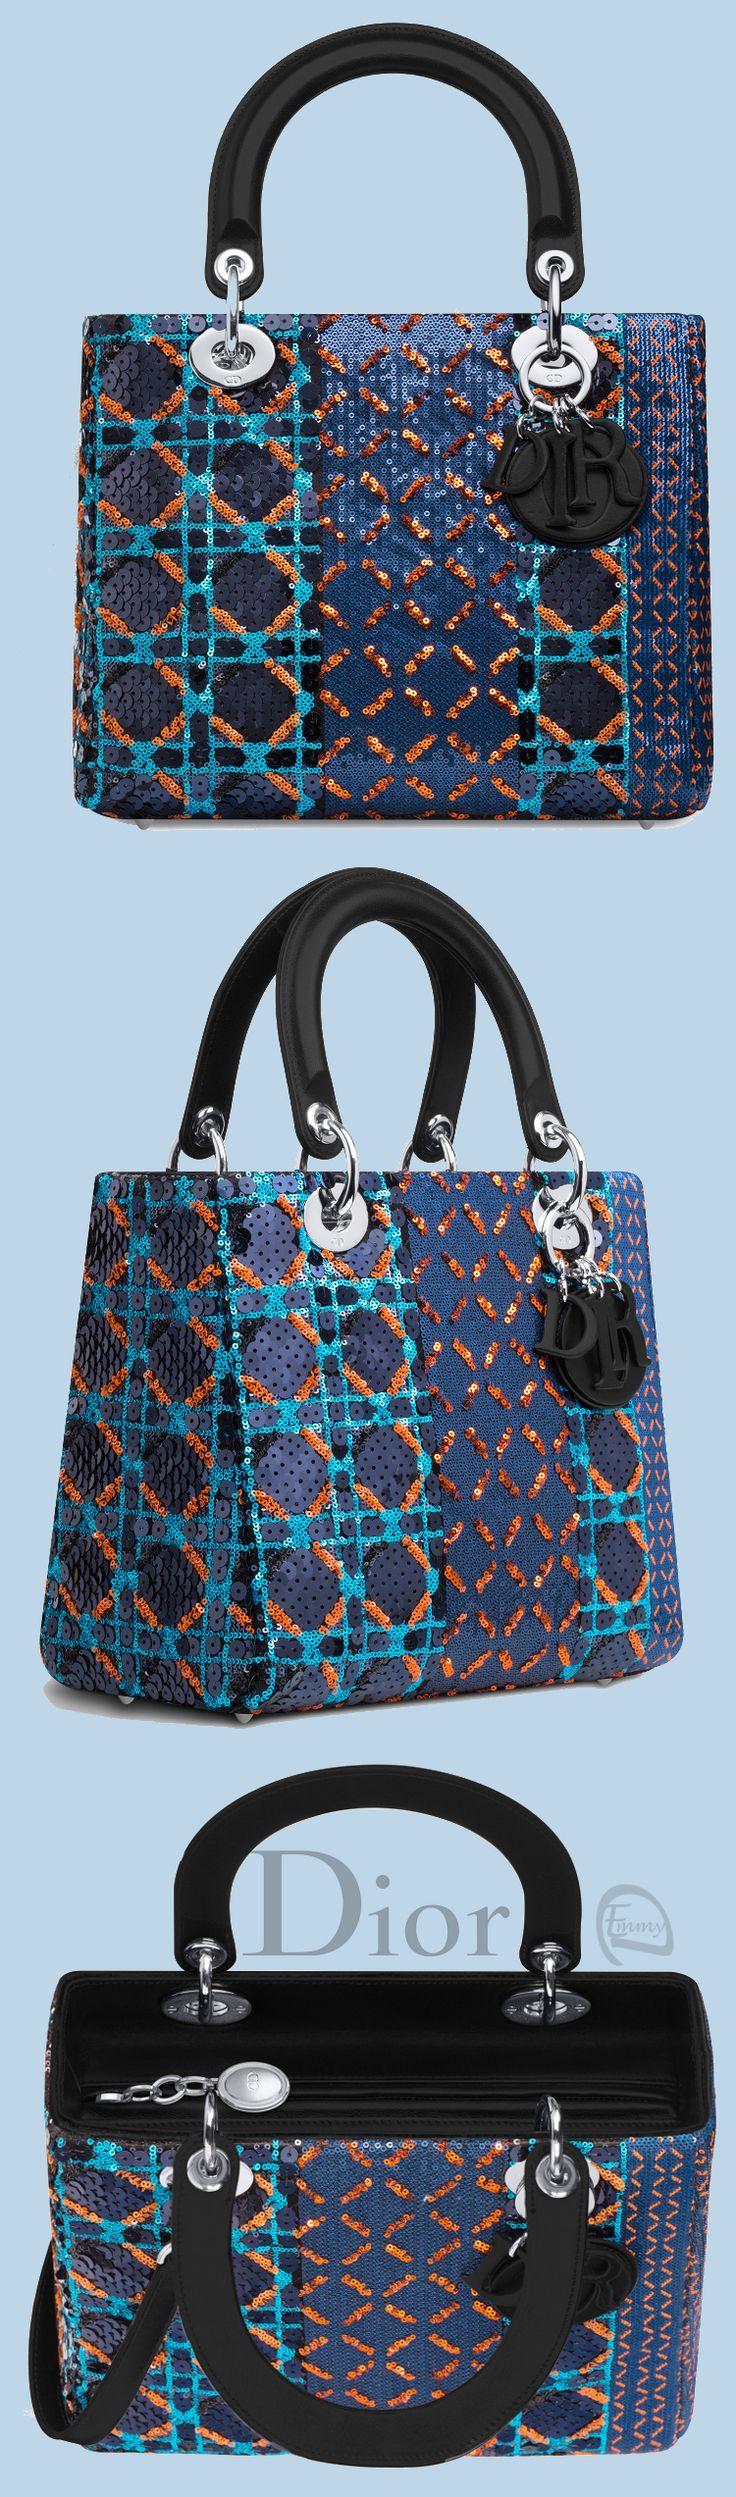 Emmy DE * Lady Dior Bag Sequinned Jacquard 2015 Yasemin Aksu